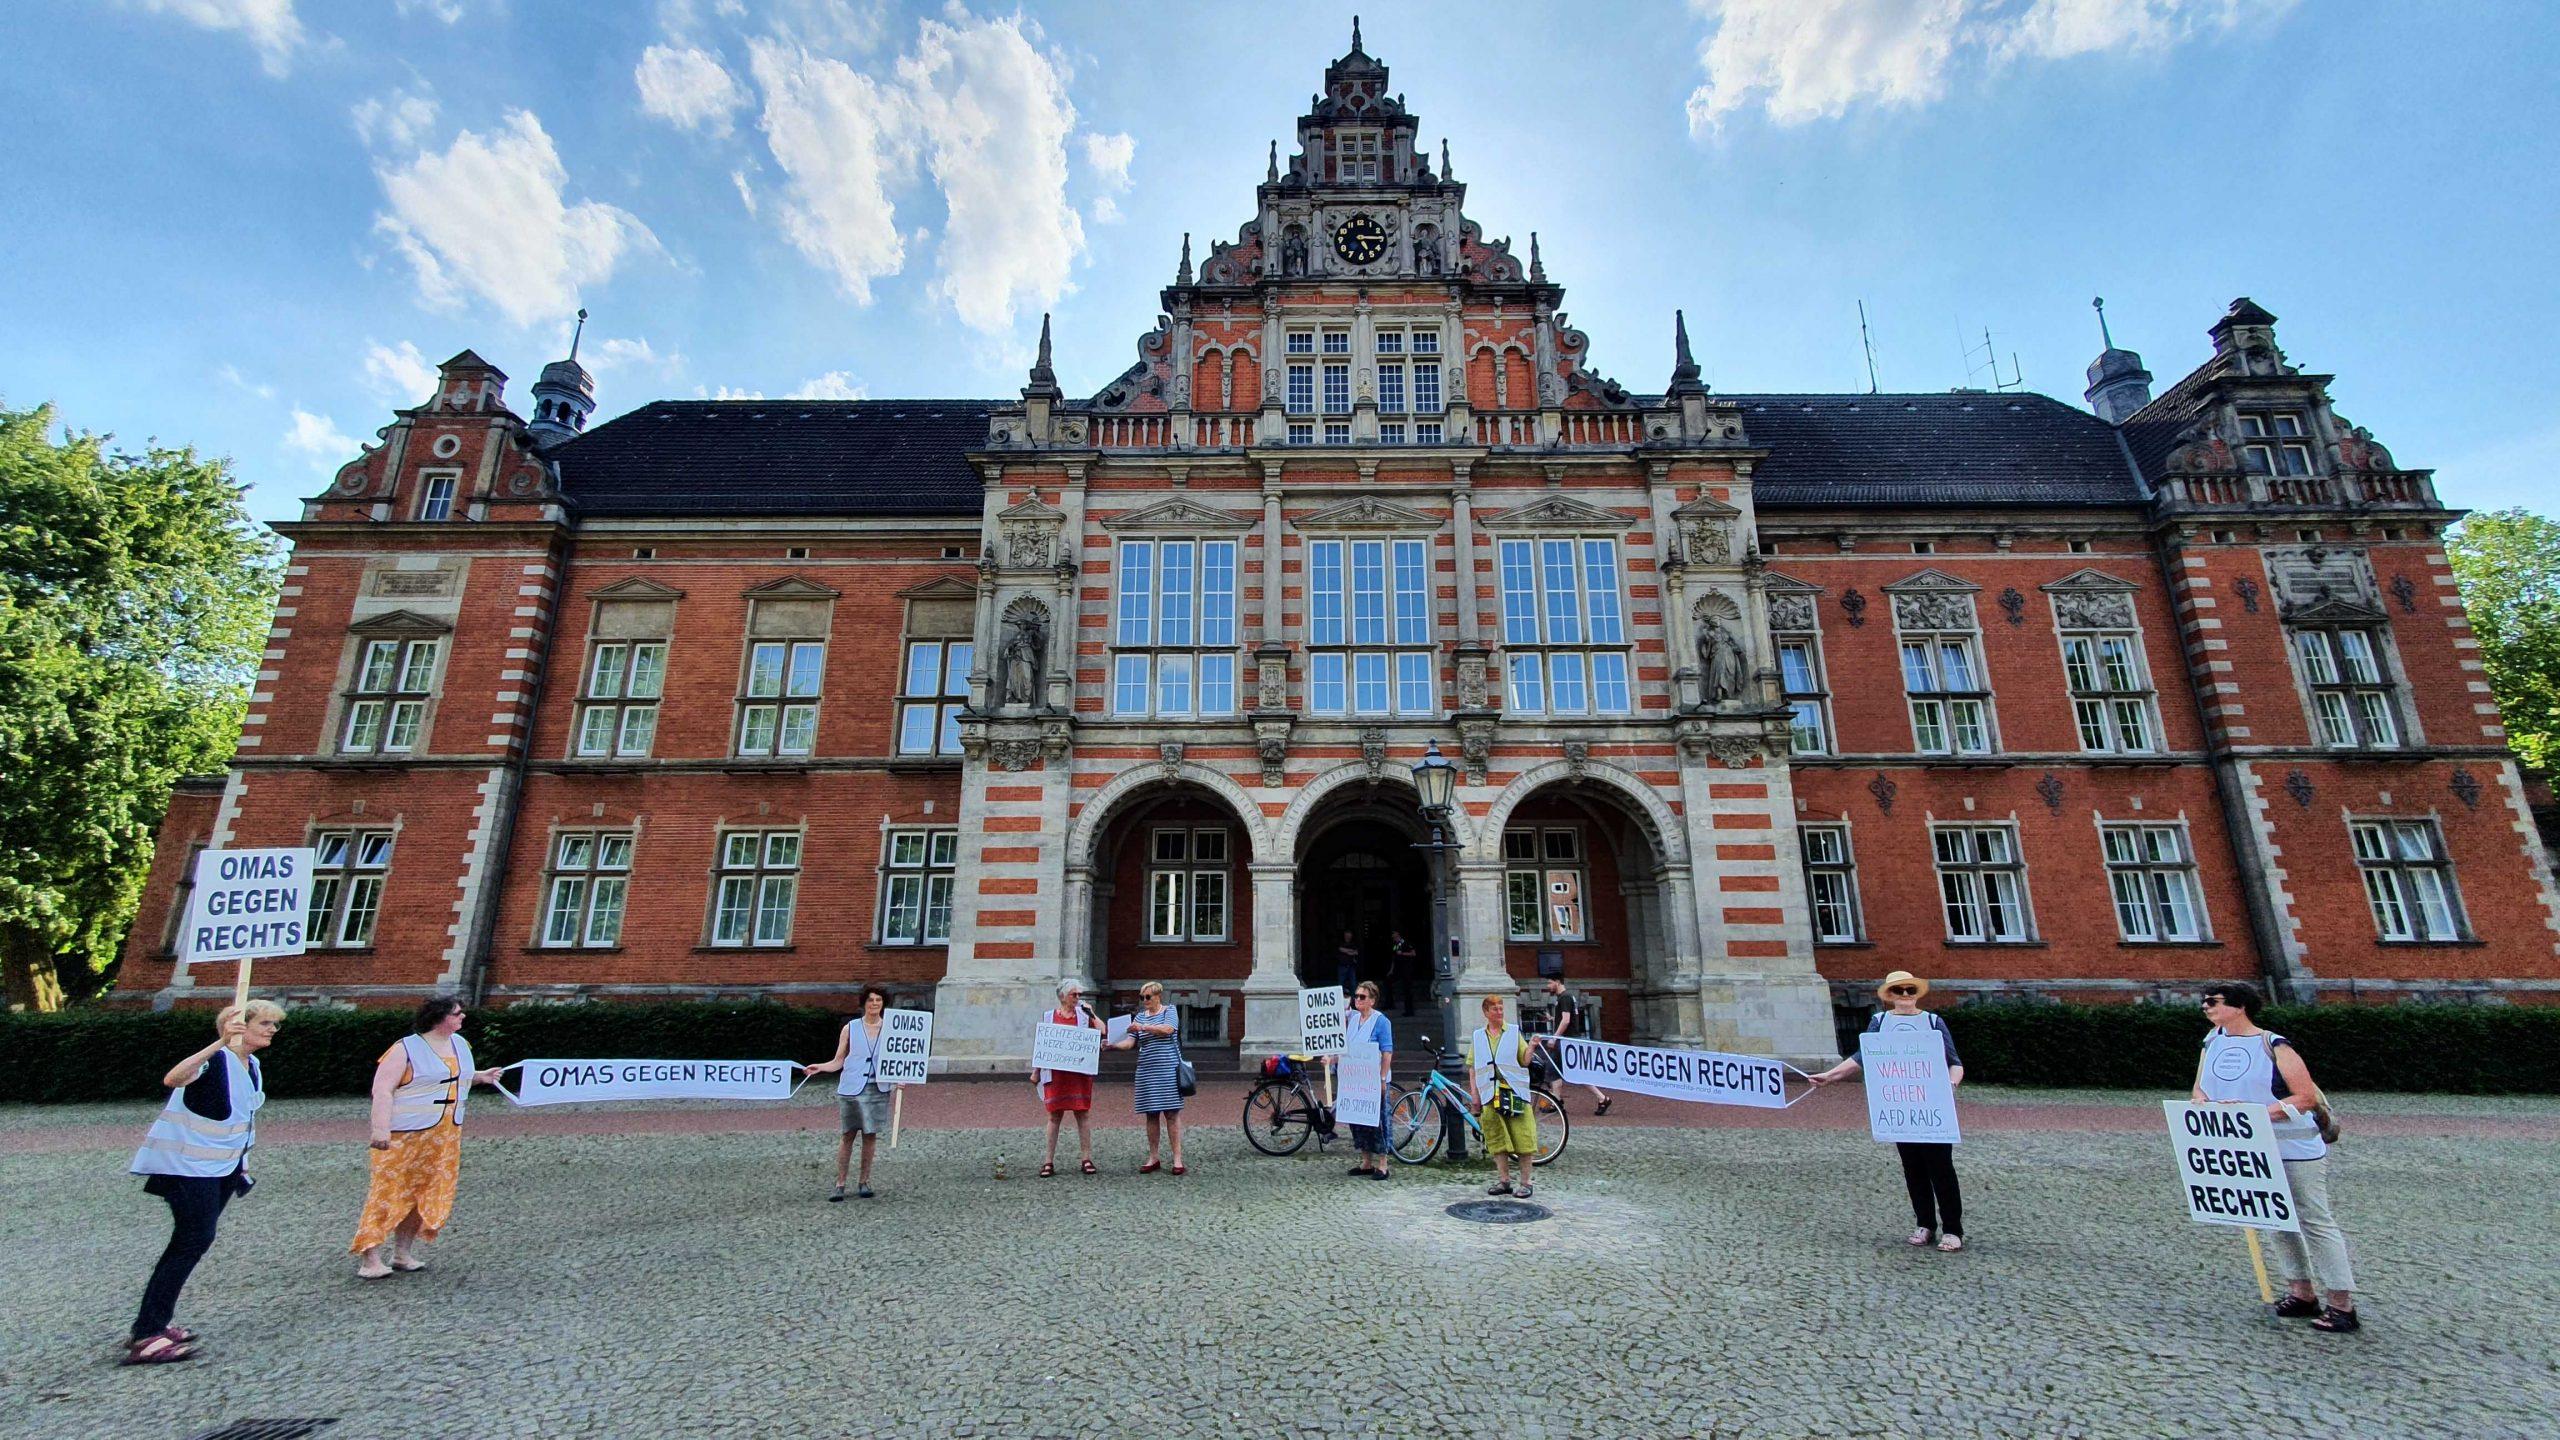 Protest-Aktion: Hamburger Omas setzen ein Zeichen gegen die AfD | Hamburger Morgenpost